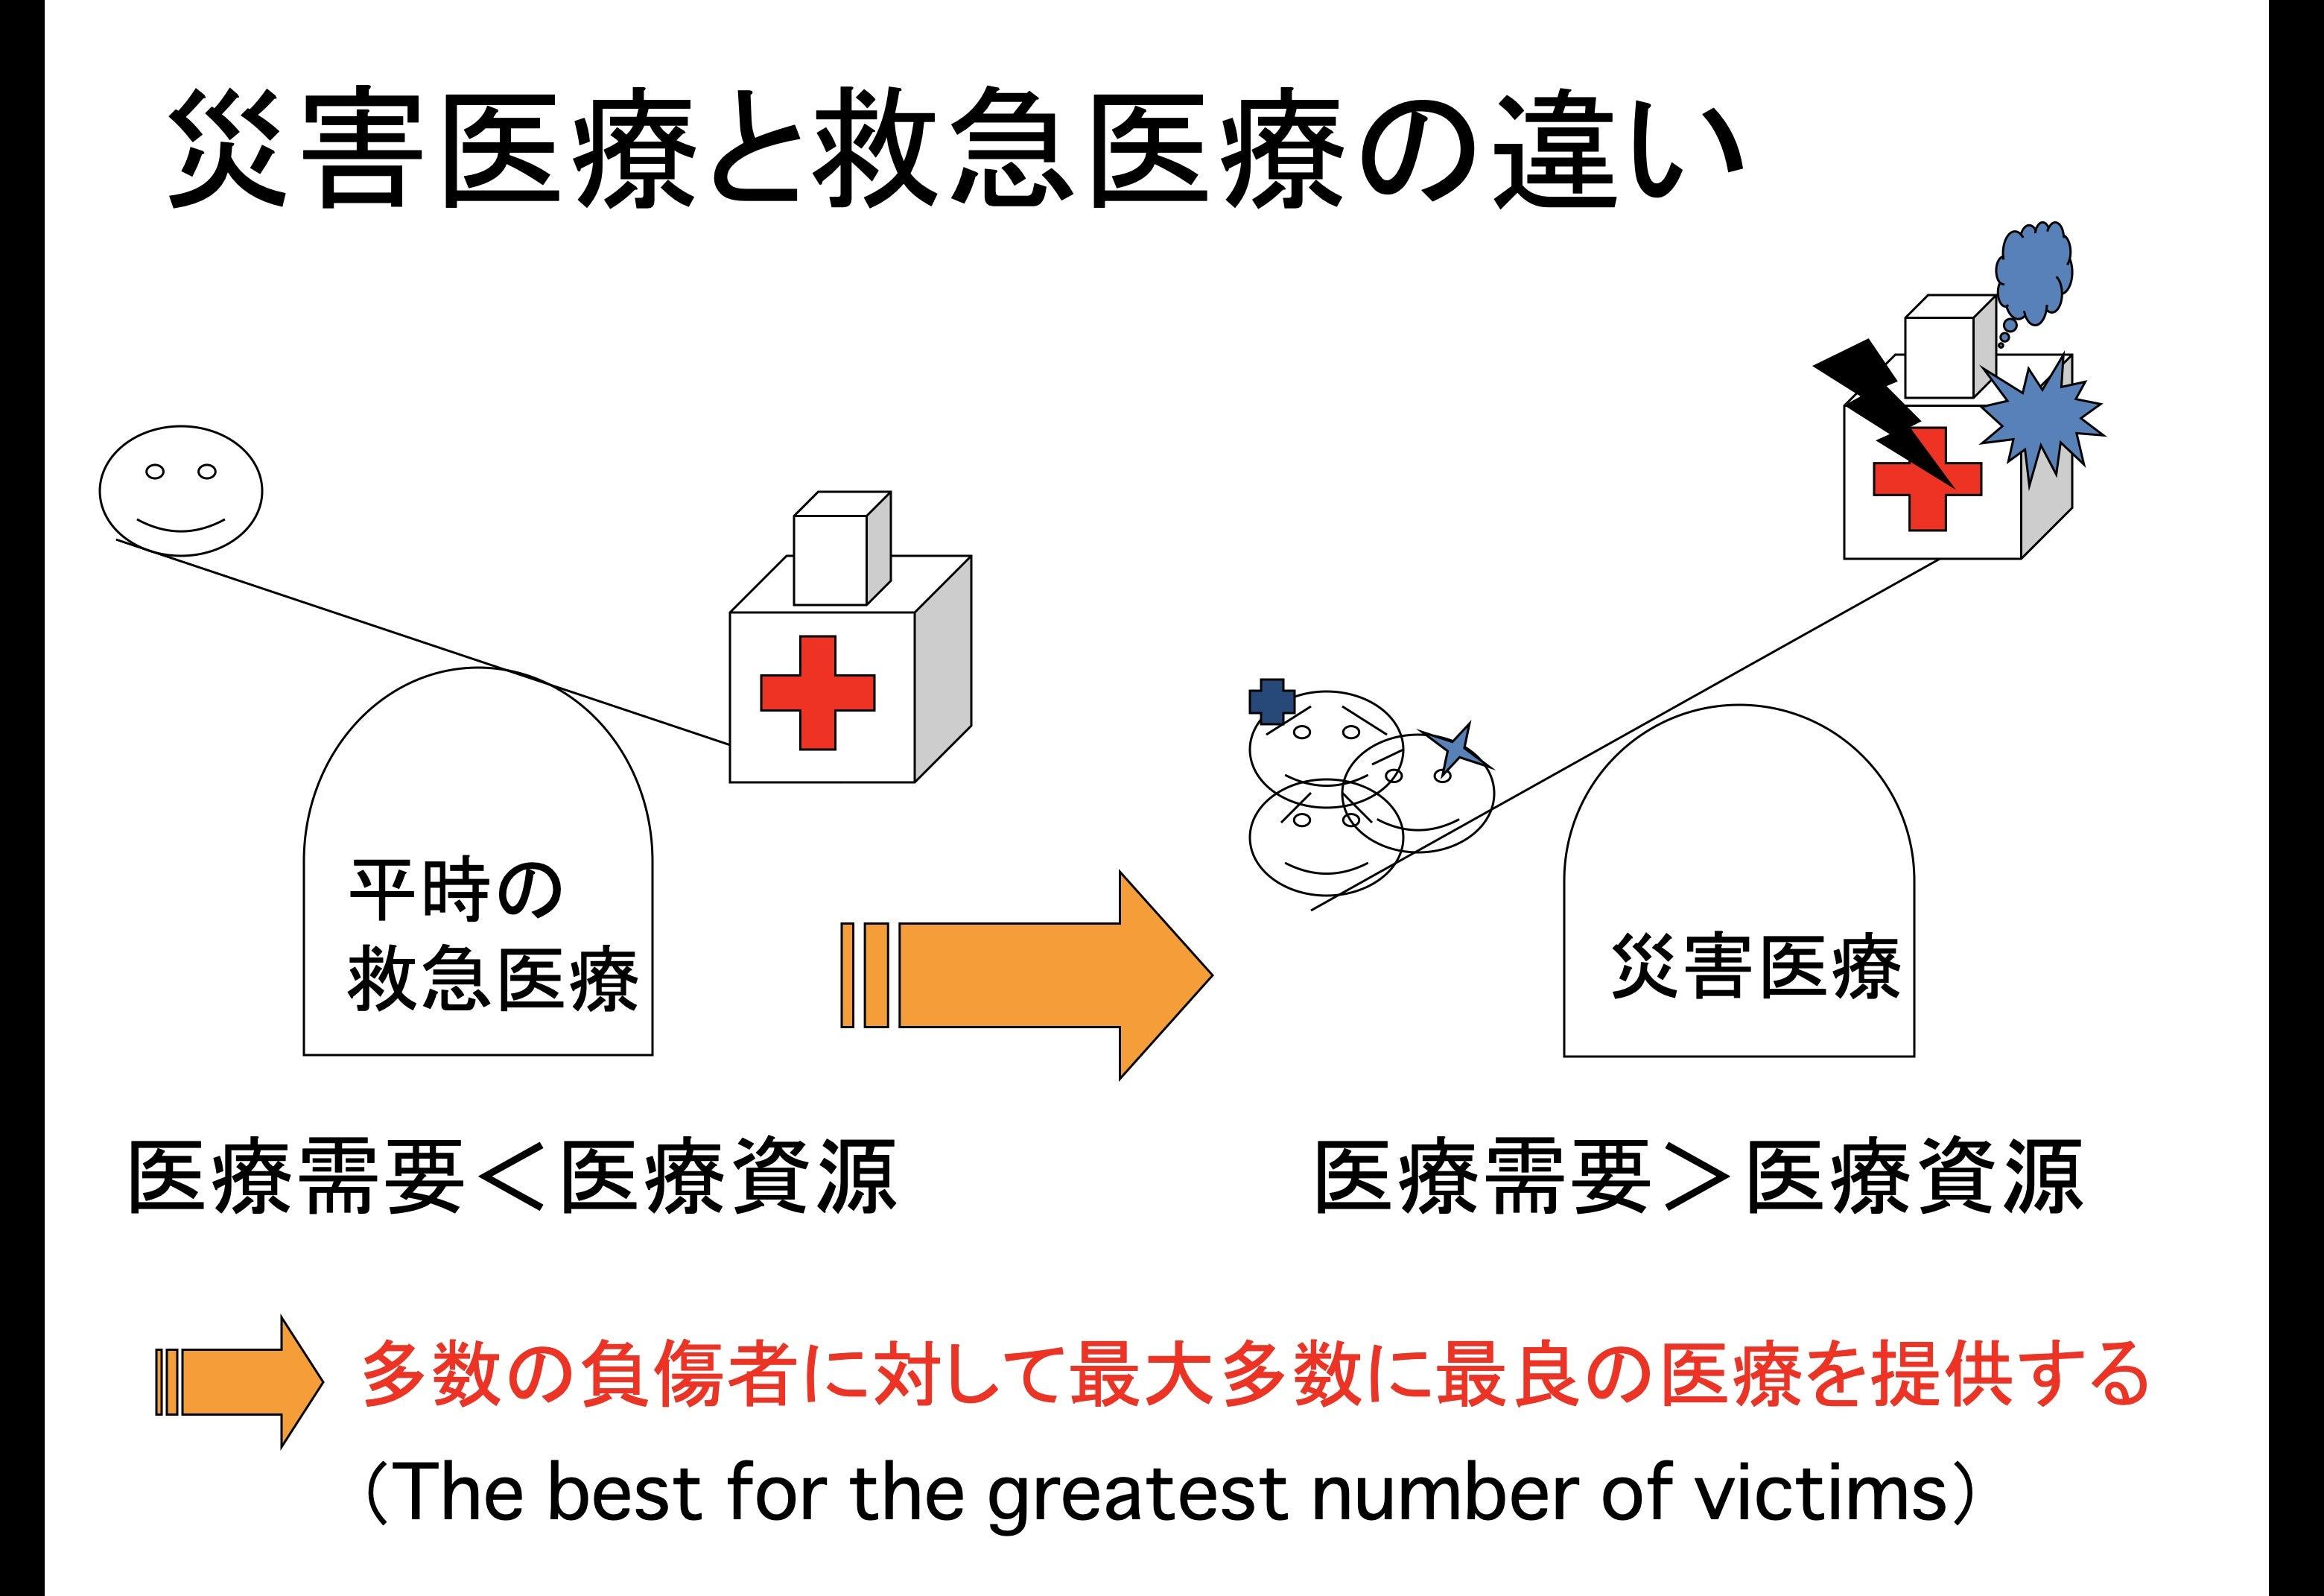 感染という災害 「医療崩壊」と「緊急事態宣言」   つよぽんの避難所